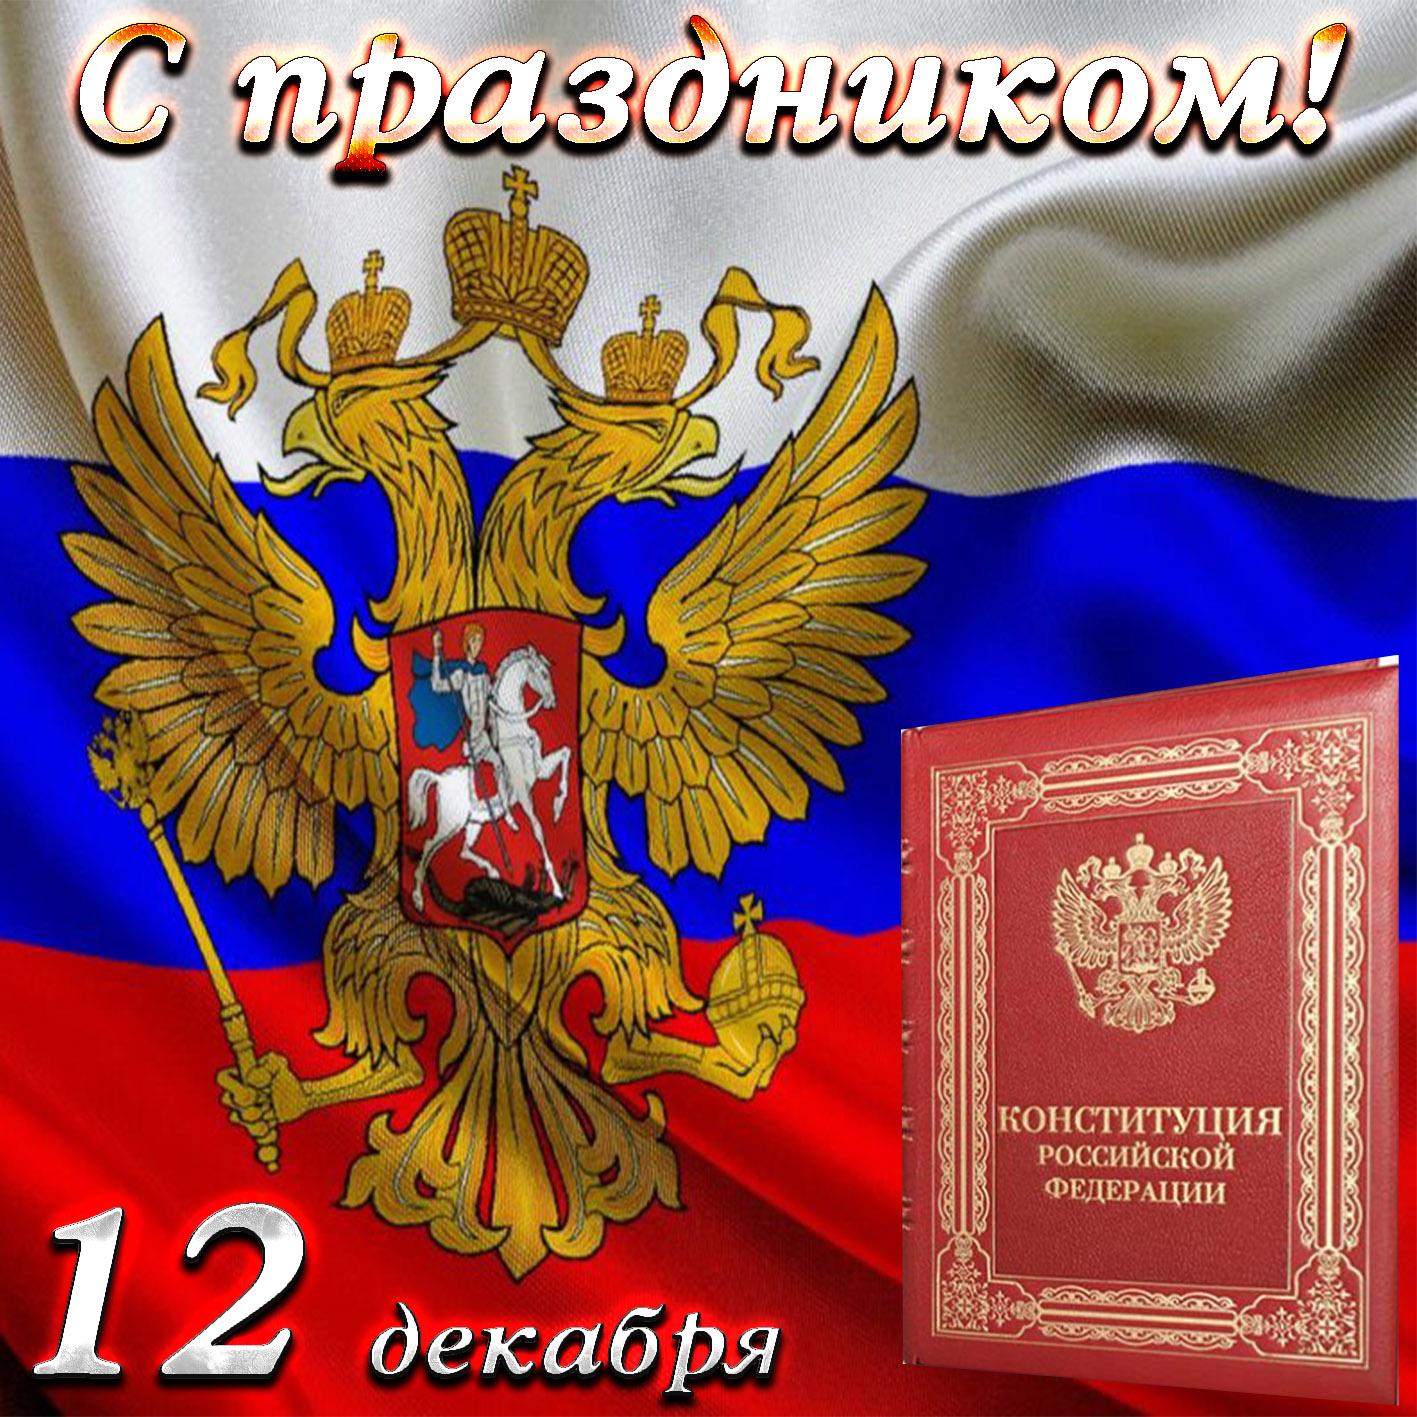 Открытка с гербом и Конституцией